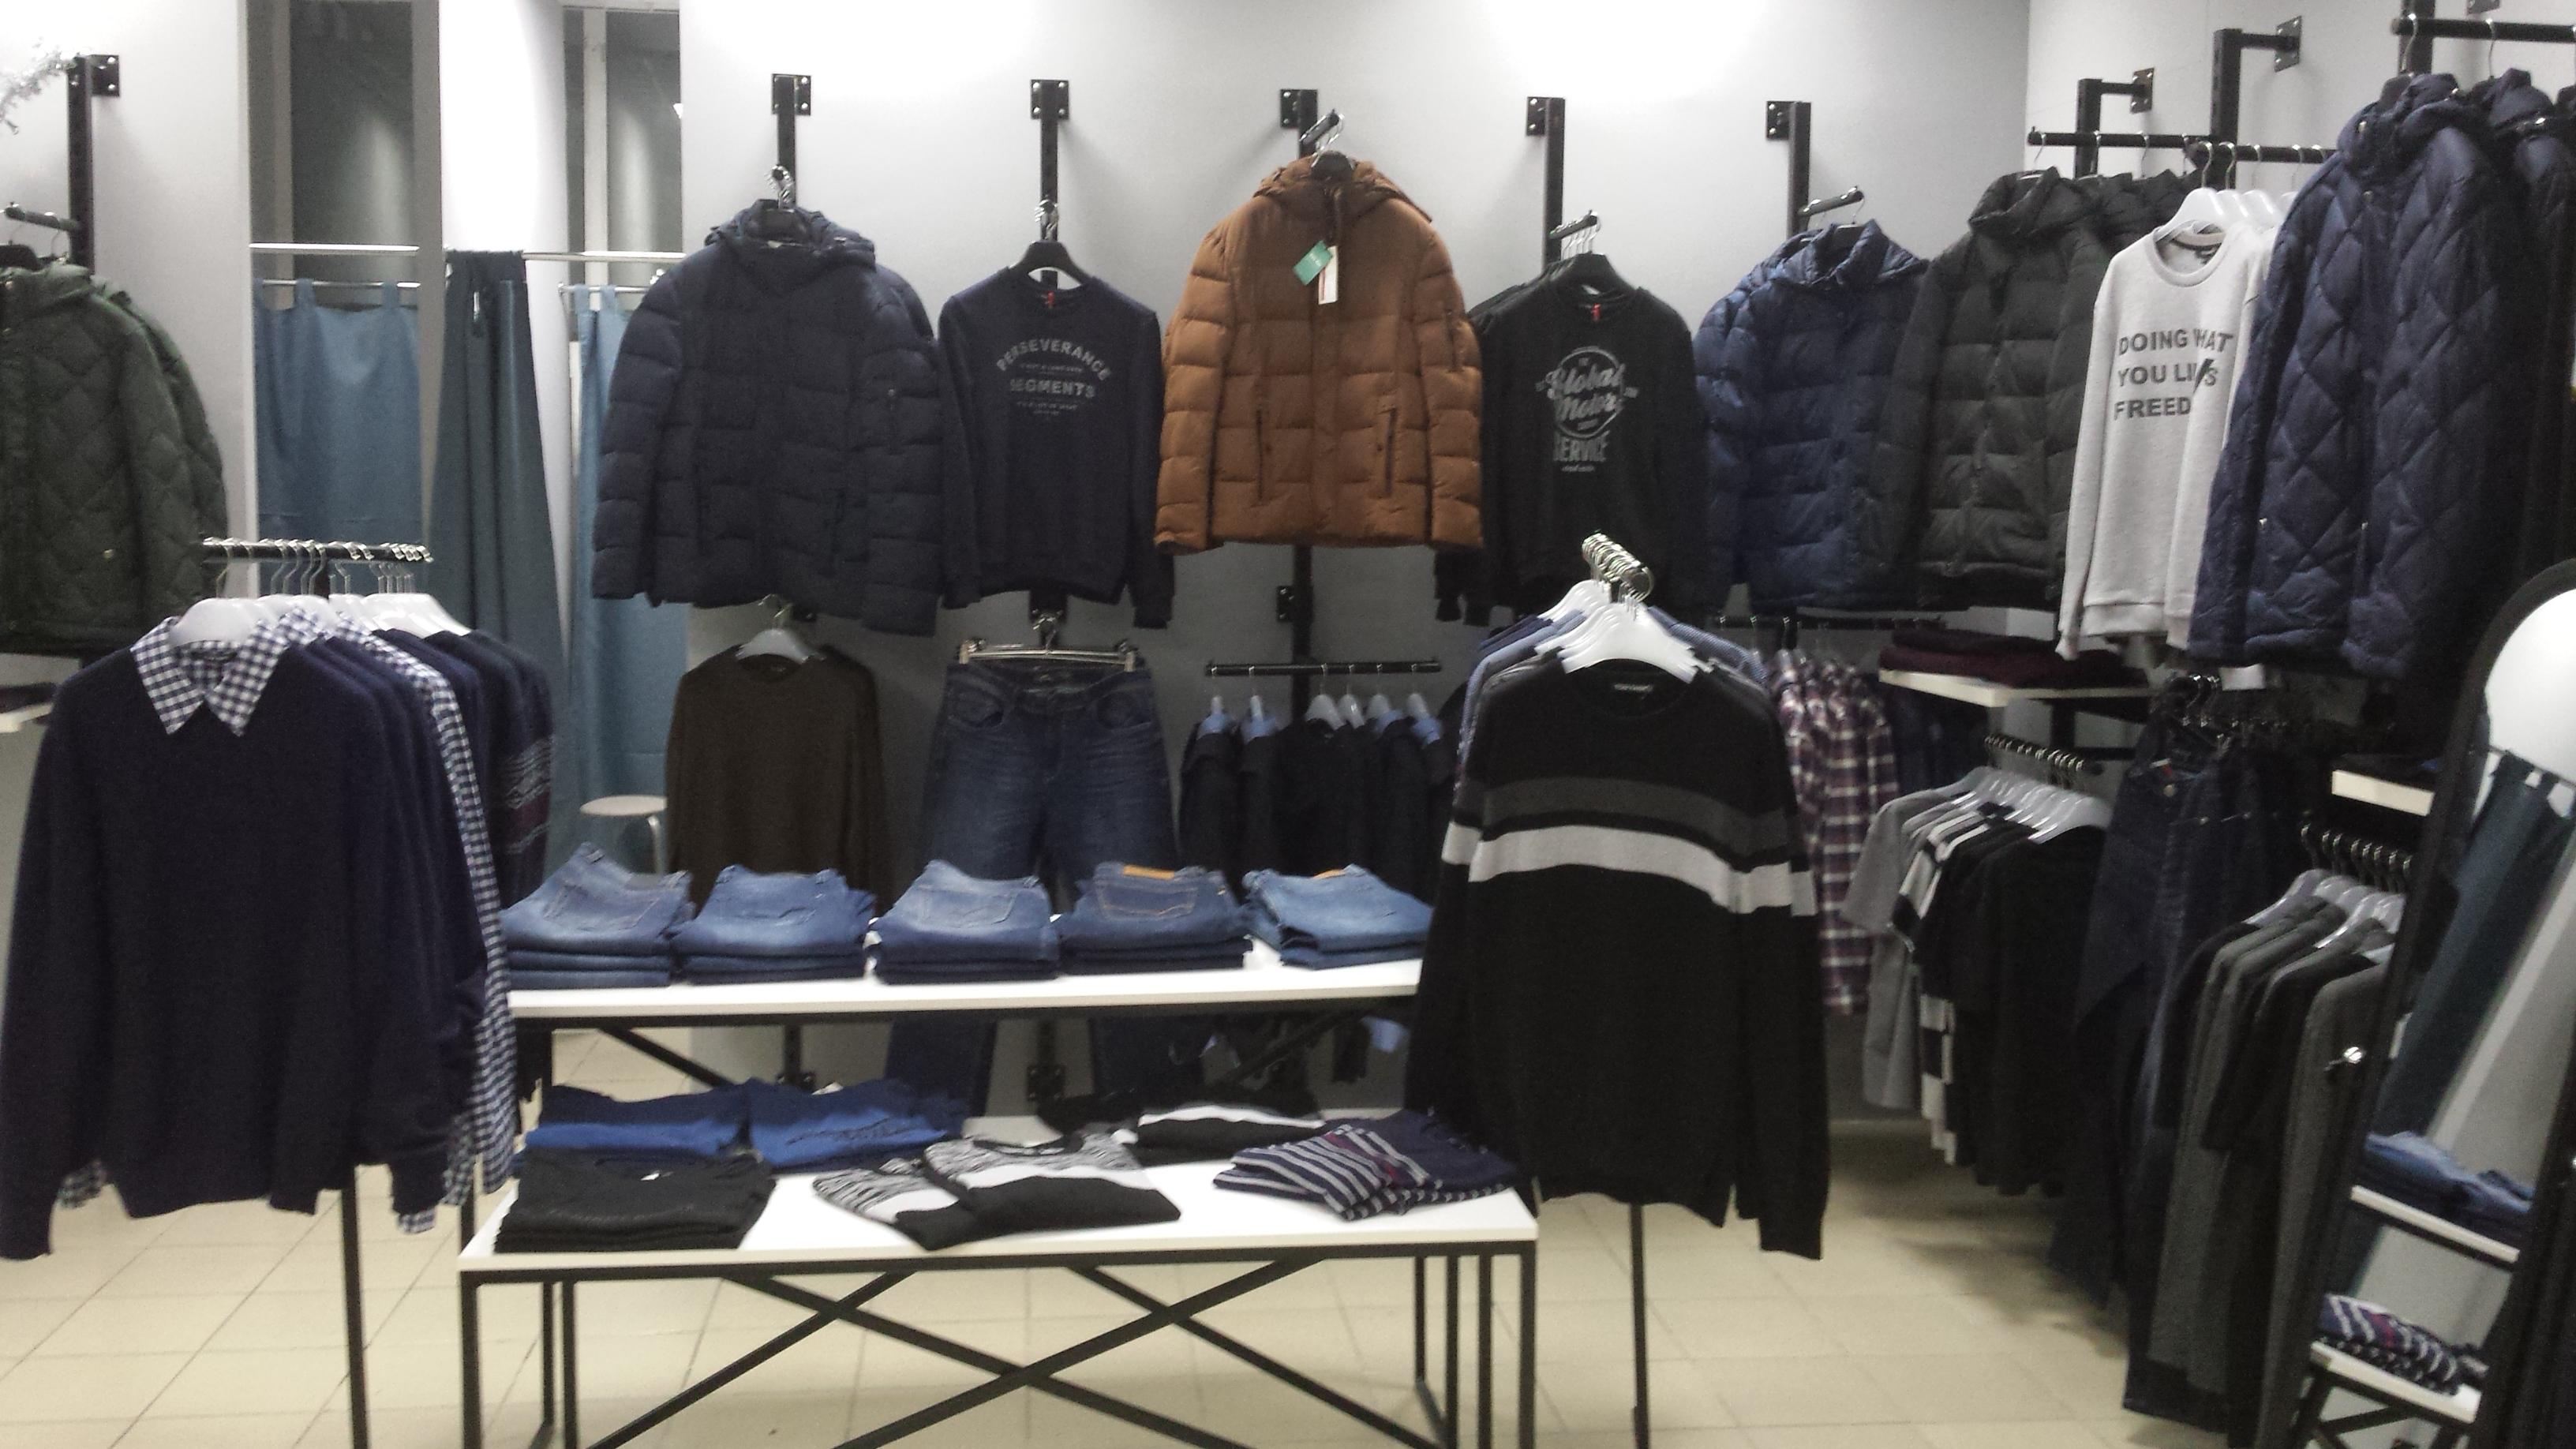 818c53462aece7a Том Фарр специализируется на производстве стильной и удобной одежды,  которая полностью соответствует актуальным тенденциям моды. Основной лозунг  компании: ...